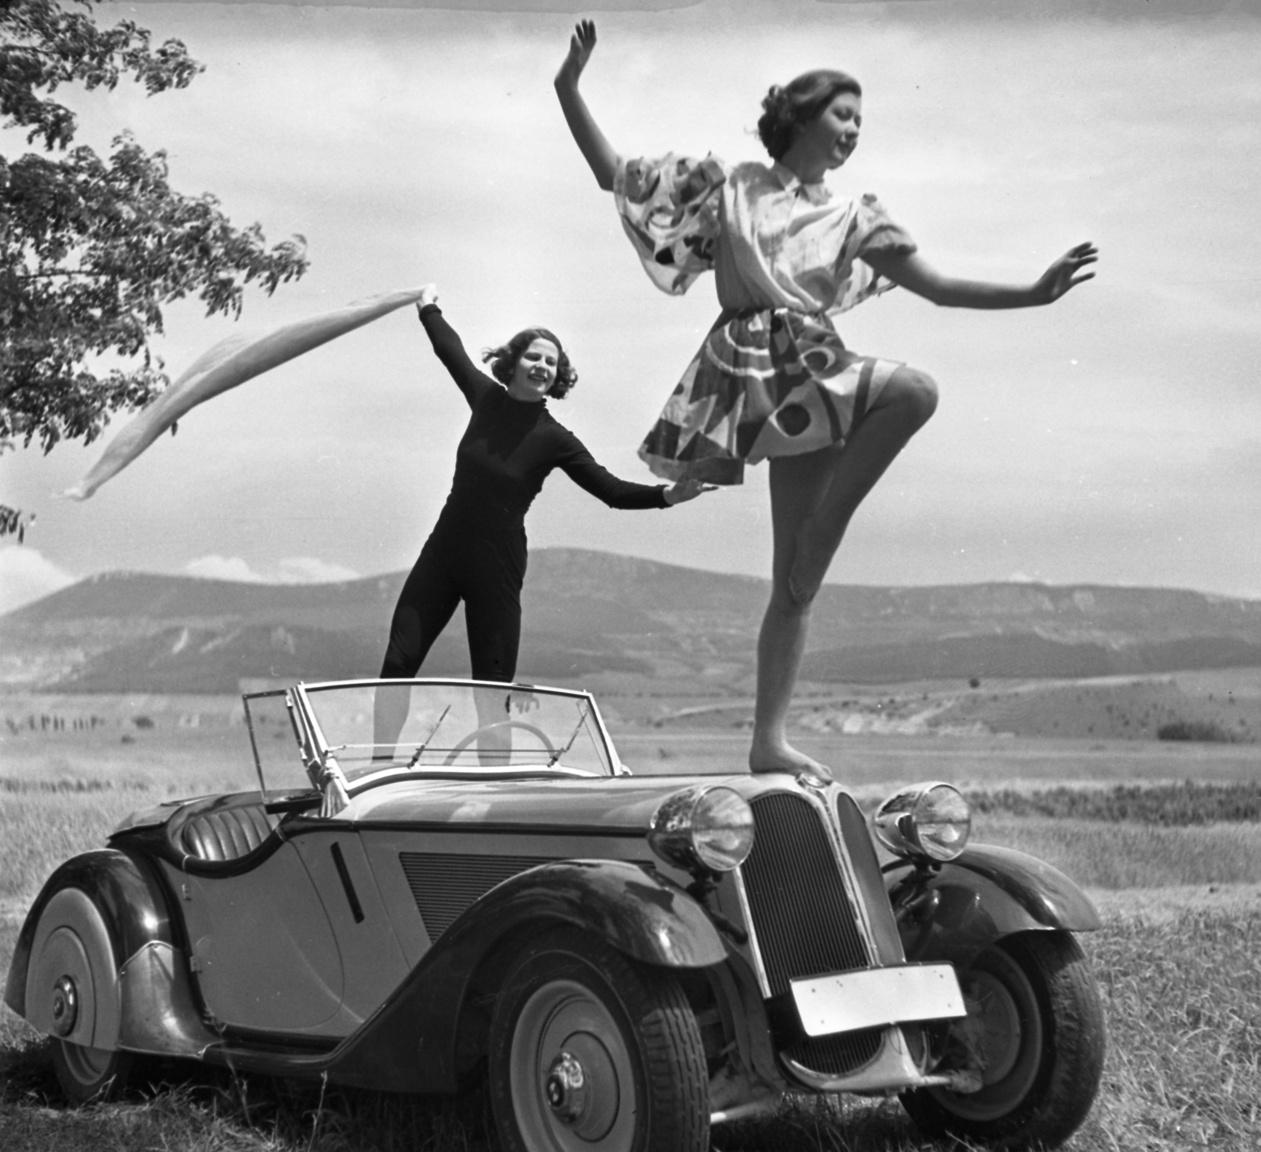 1936 BMW 319 Roadster személygépkocsi. Háttérben a Kevély-hegycsoport (a Kis-Kevély, a Nagy-Kevély és az Ezüst-Kevély Fotó: Urbán Tamás FORTEPAN